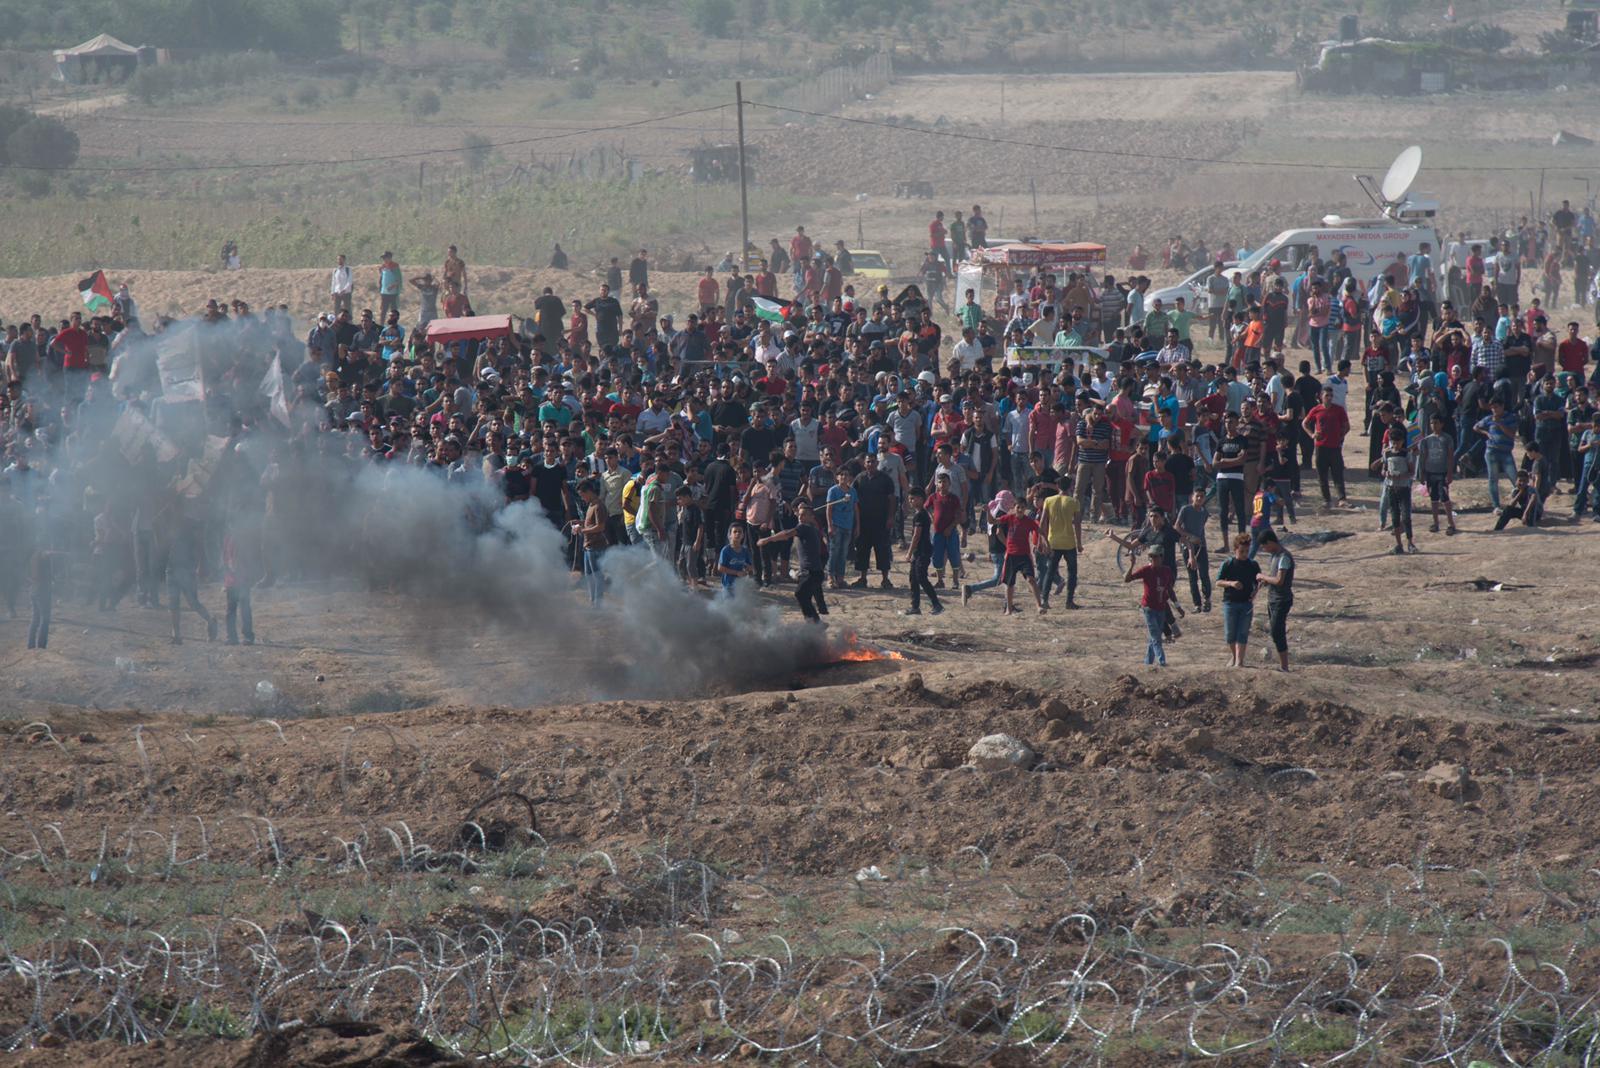 Fin de semana tenso en Gaza: decenas de explosivos contra soldados israelíes y 7 palestinos muertos